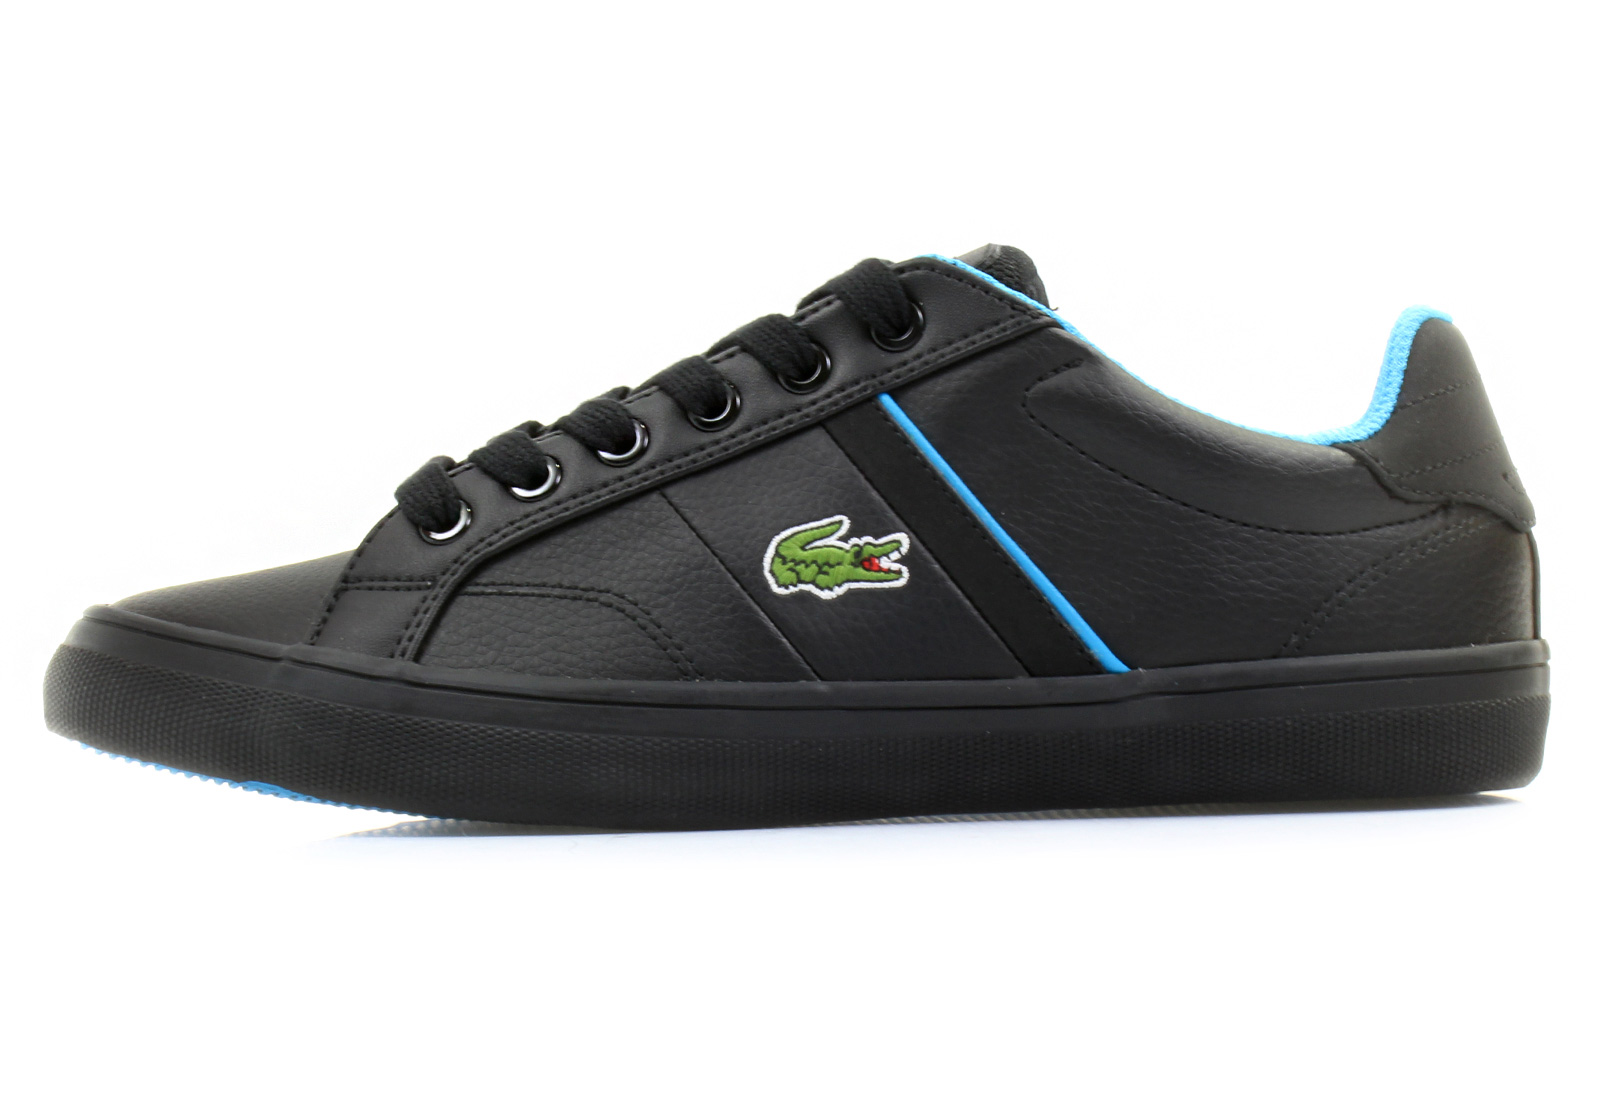 lacoste shoes fairlead lace 134spj4101011 online